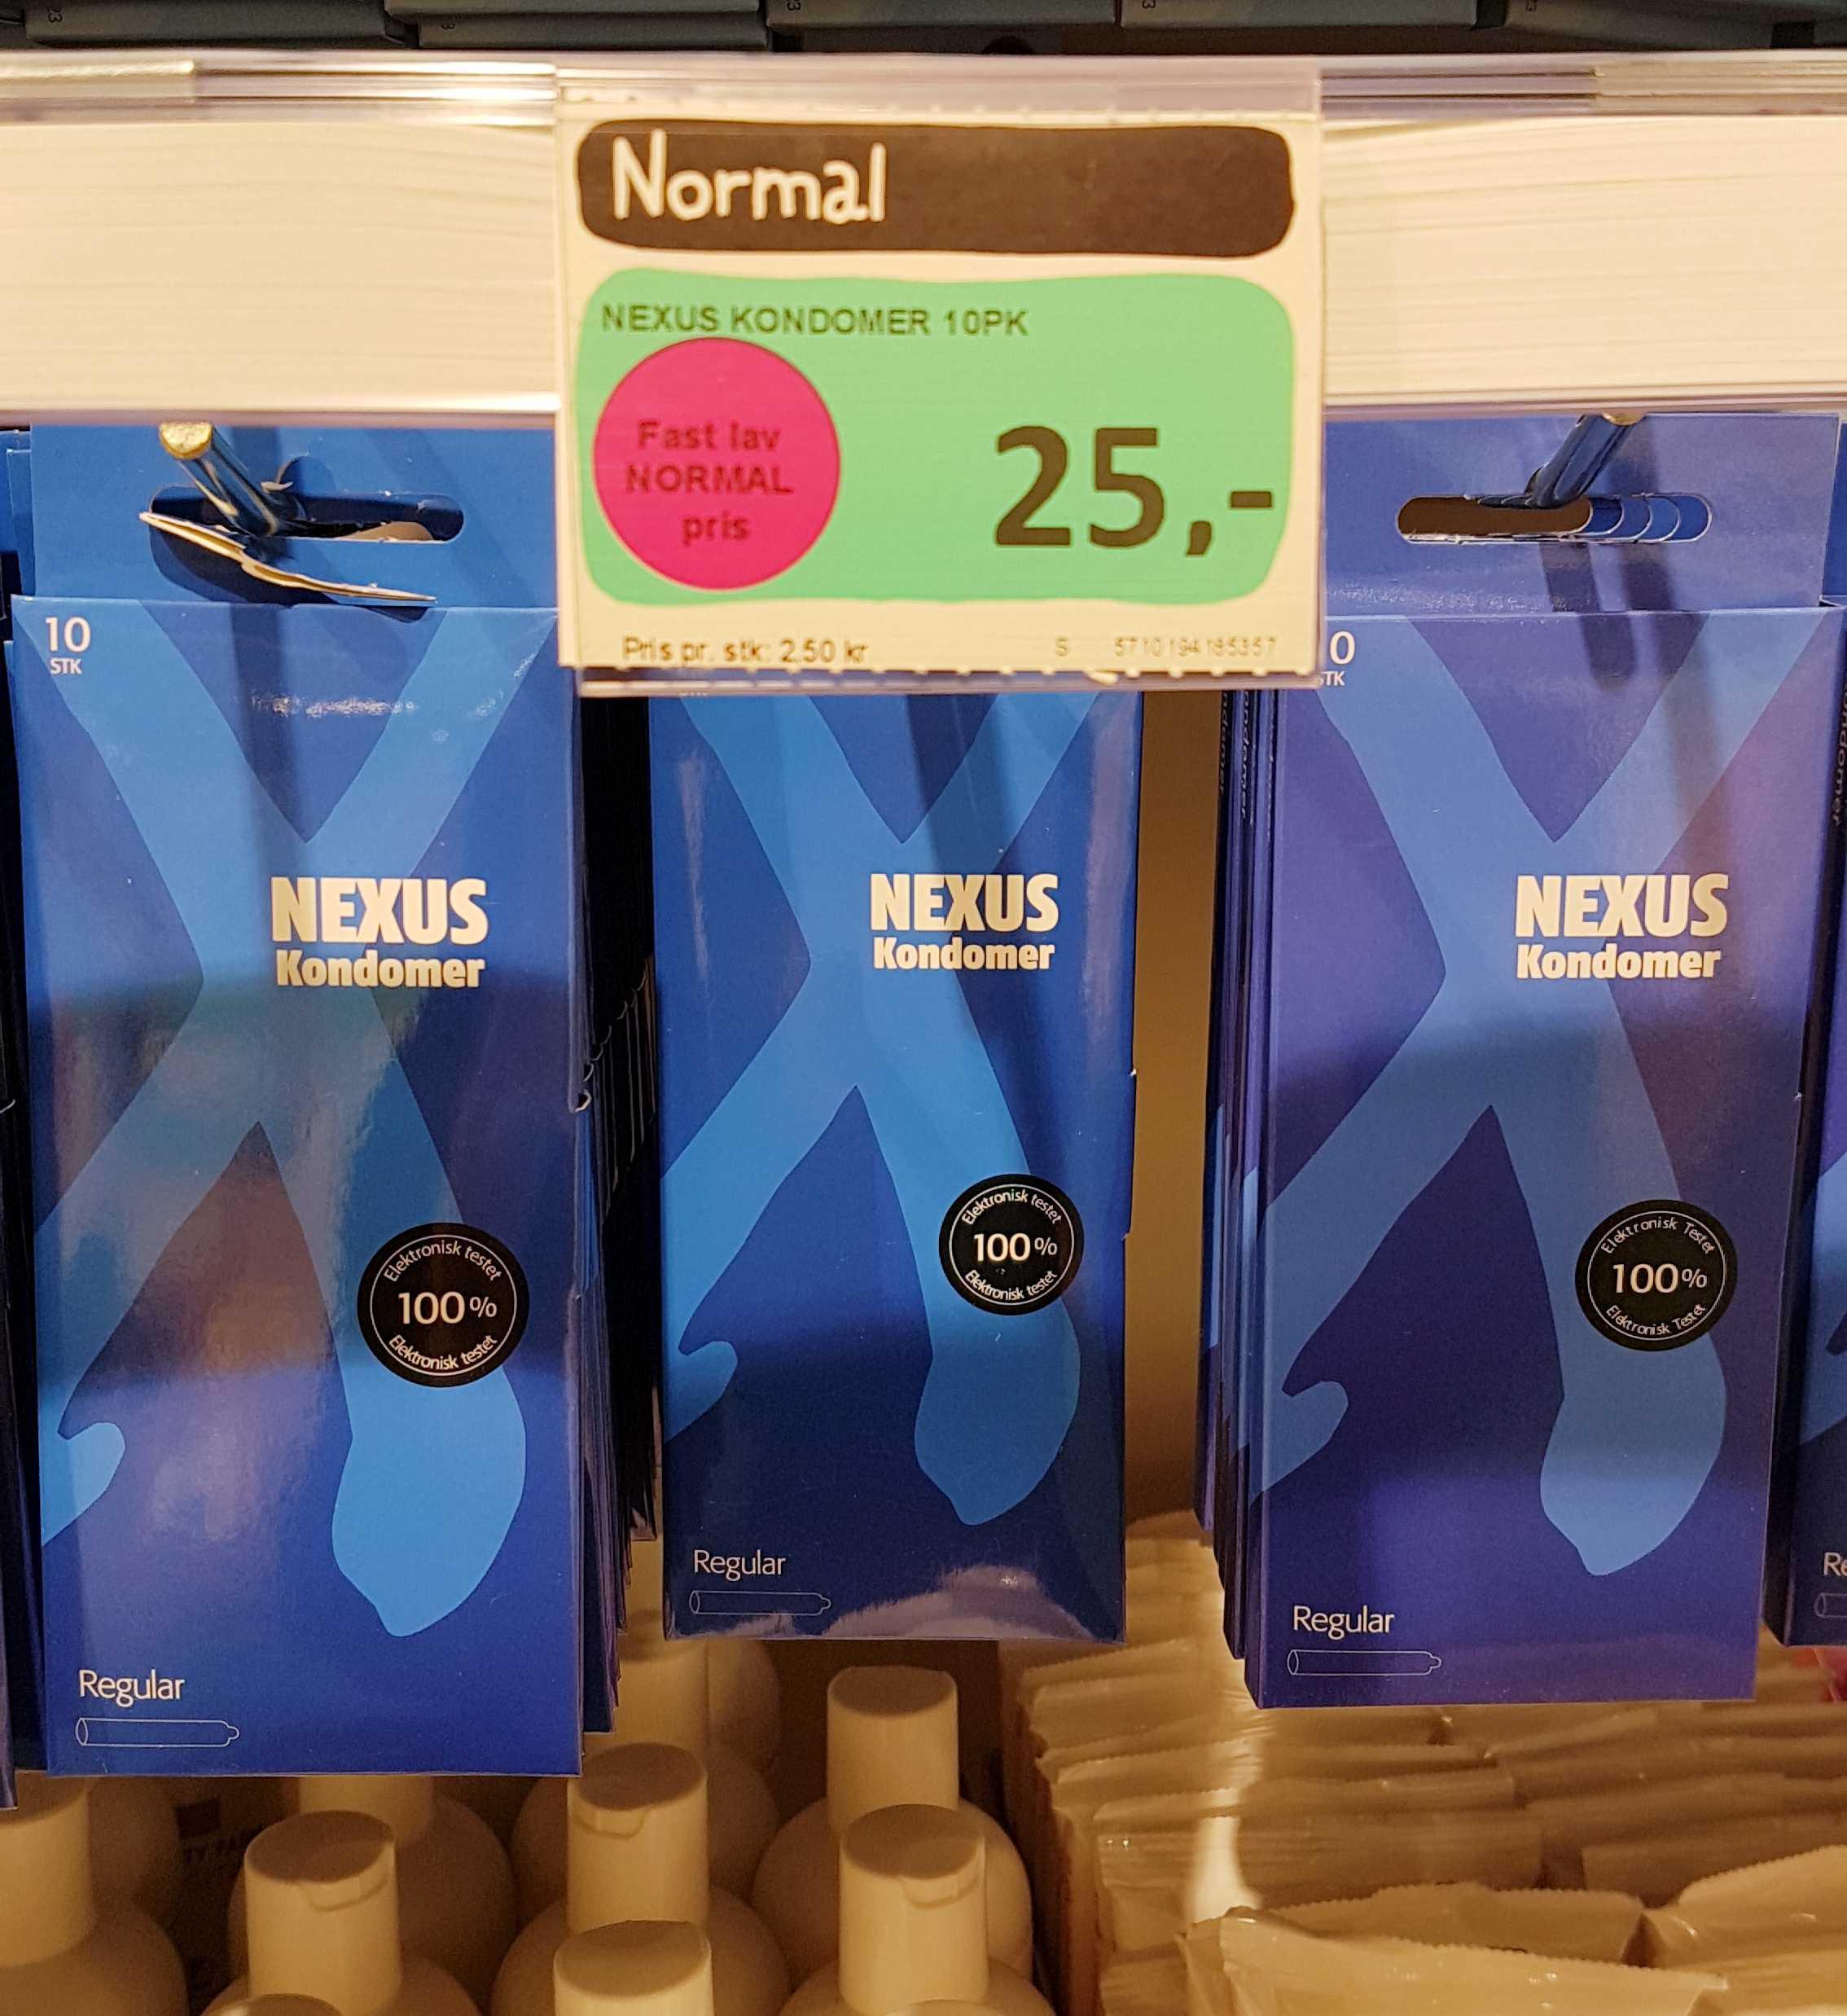 cena prezerwatyw wNorwegii